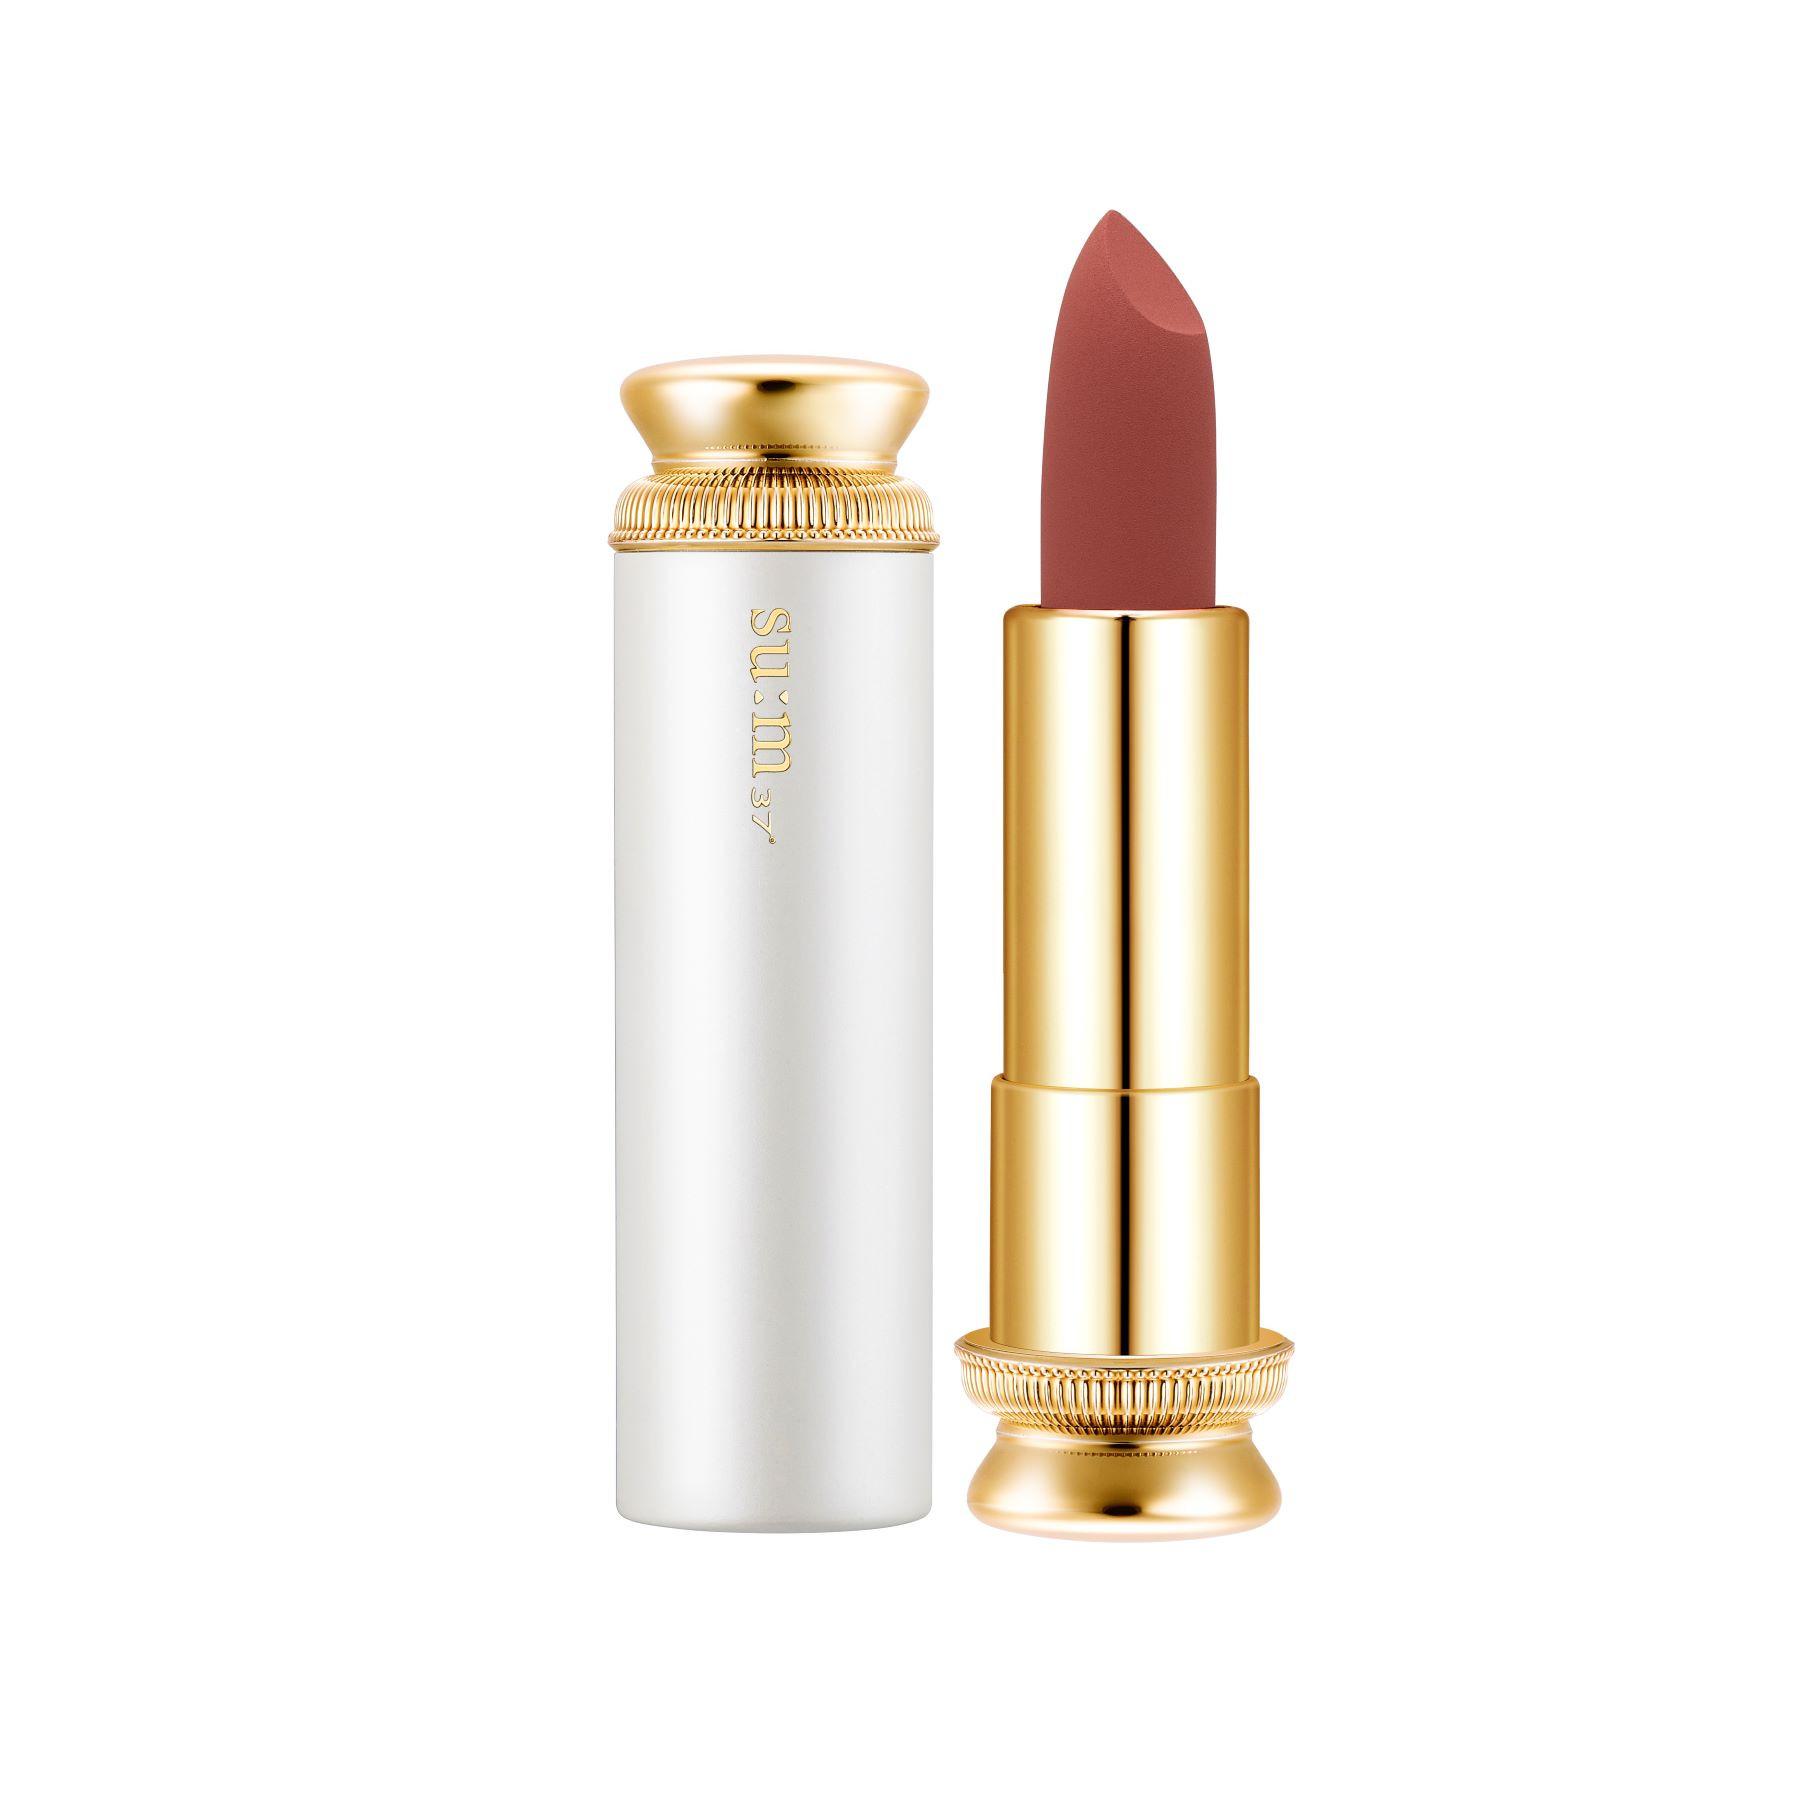 Son nhung lì dưỡng ẩm hoàng kim Su:m37 Losec Summa Lipstick